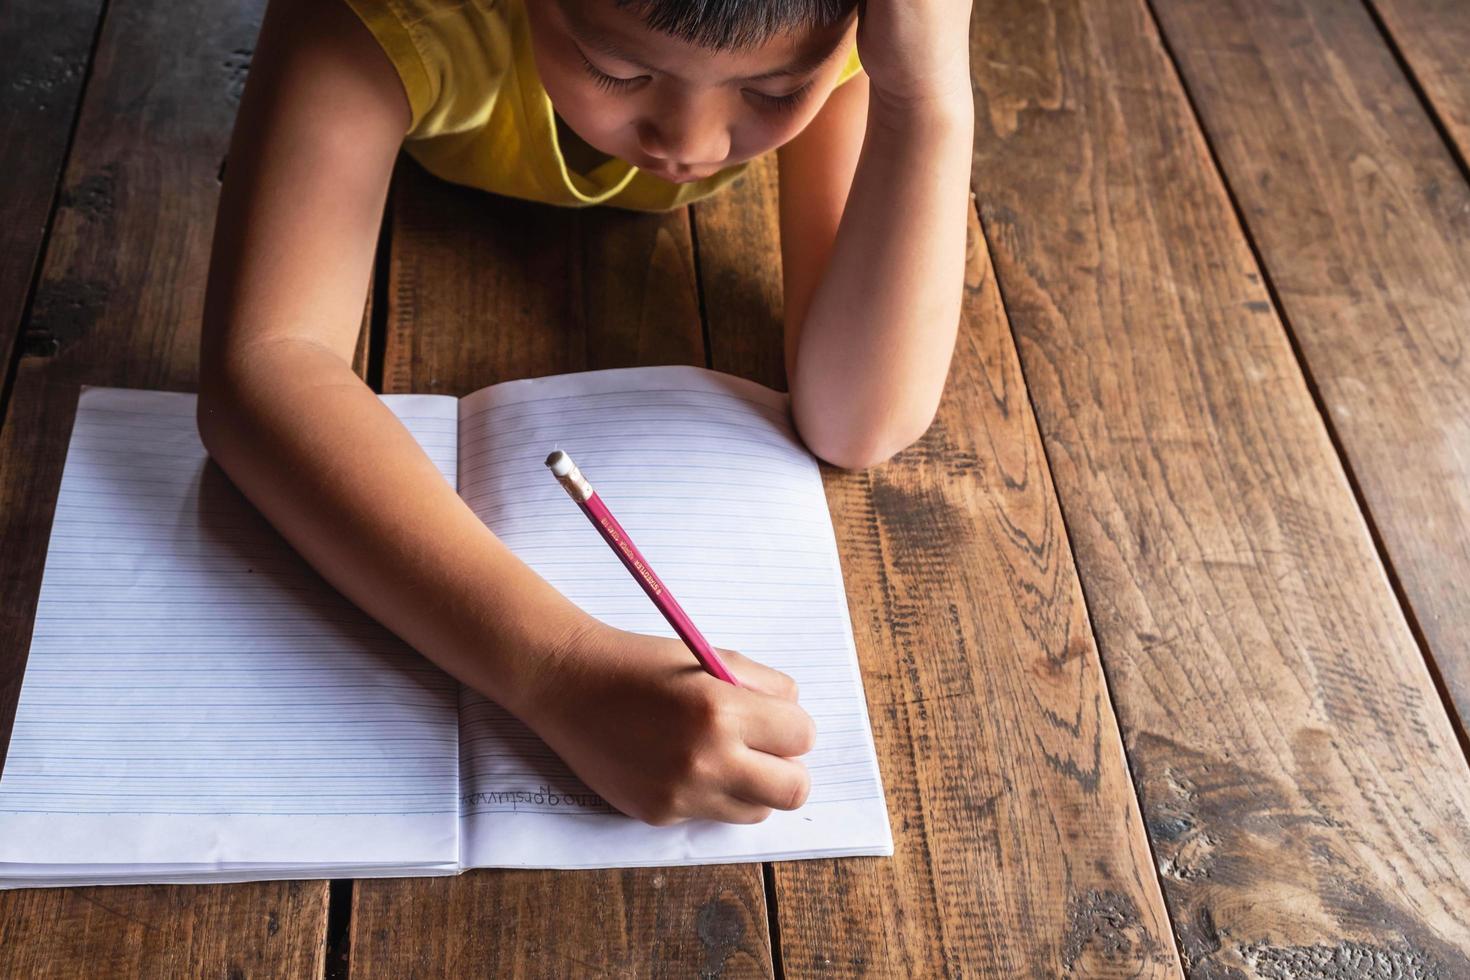 garçon, pose, sur, plancher bois, écriture, dans, cahier photo